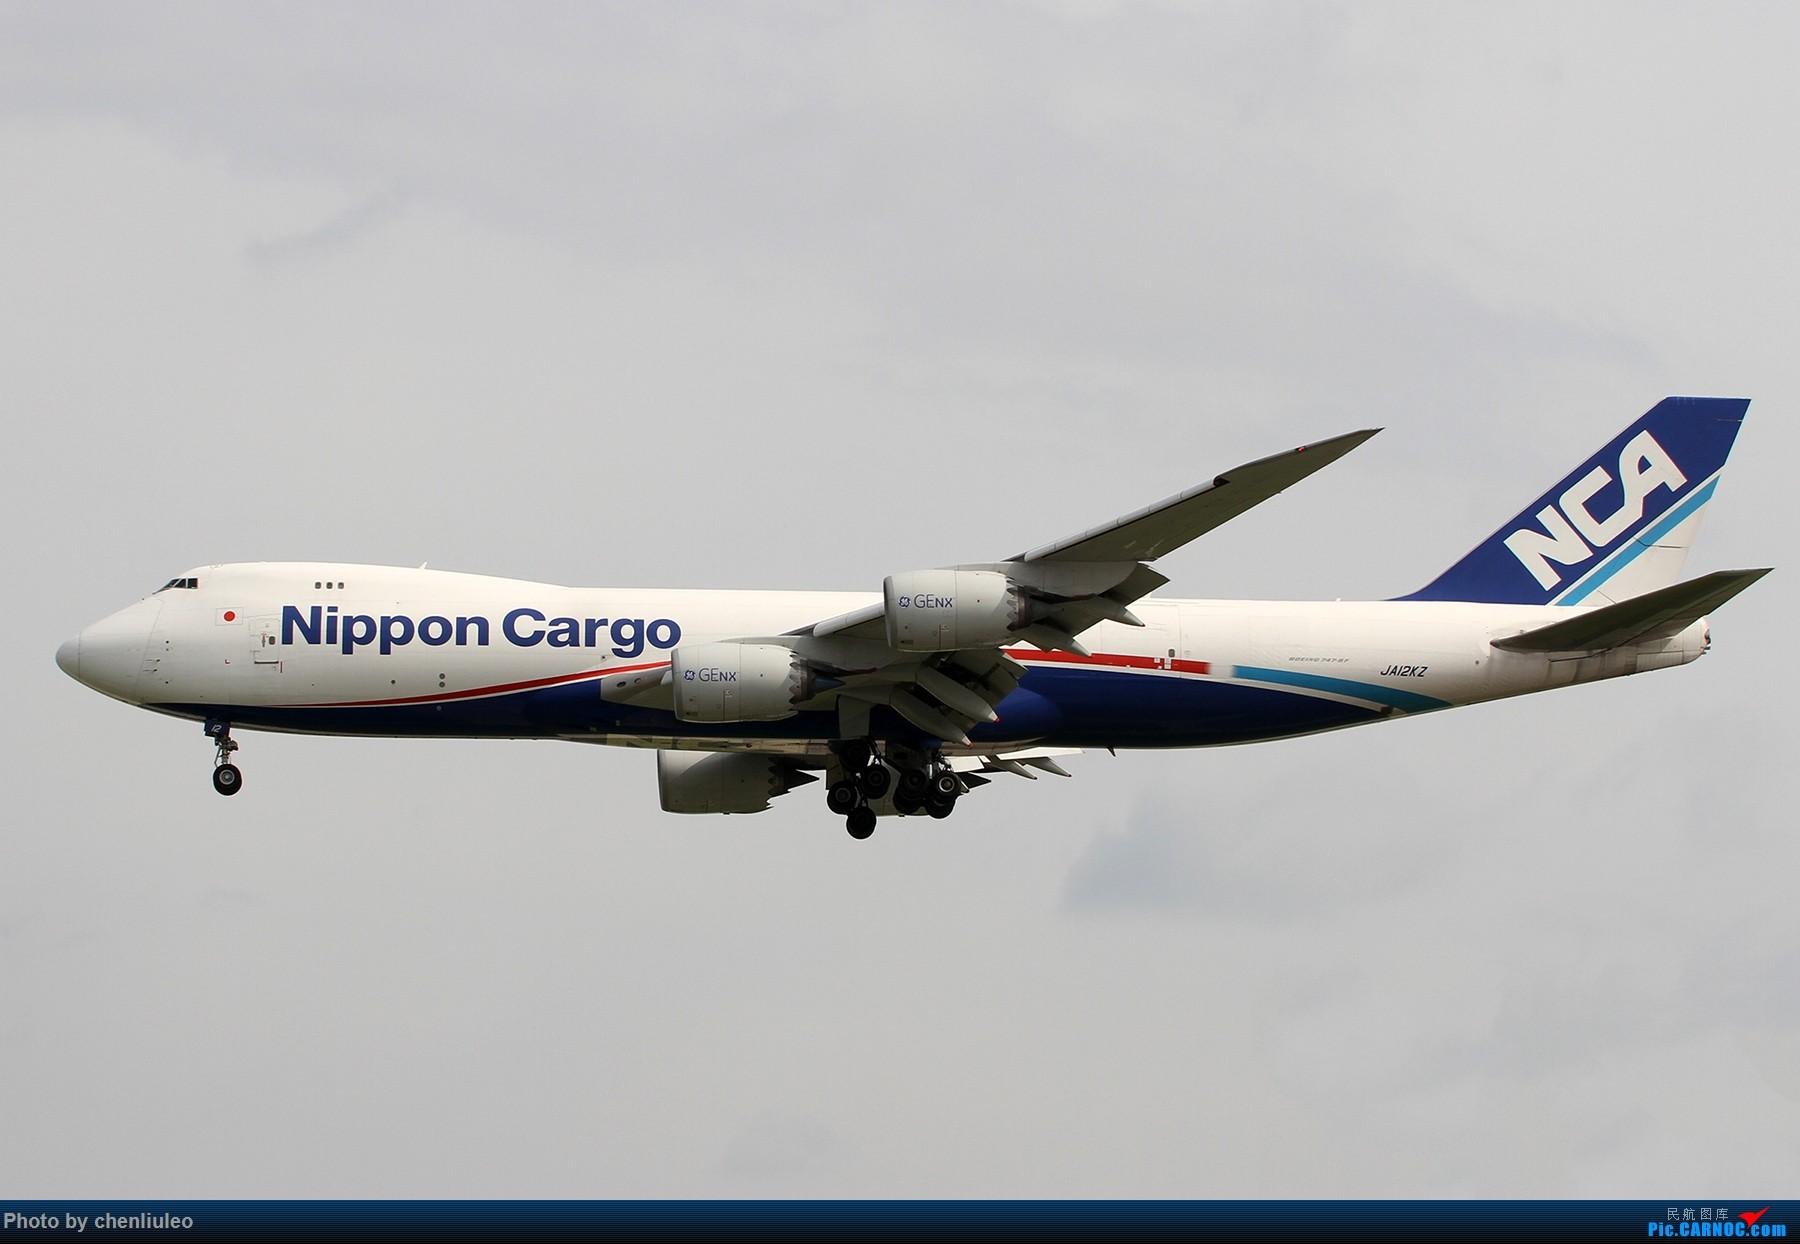 【北美飞友会】芝加哥奥黑尔机场首拍 BOEING 747-8F JA12KZ 美国芝加哥奥黑尔国际机场